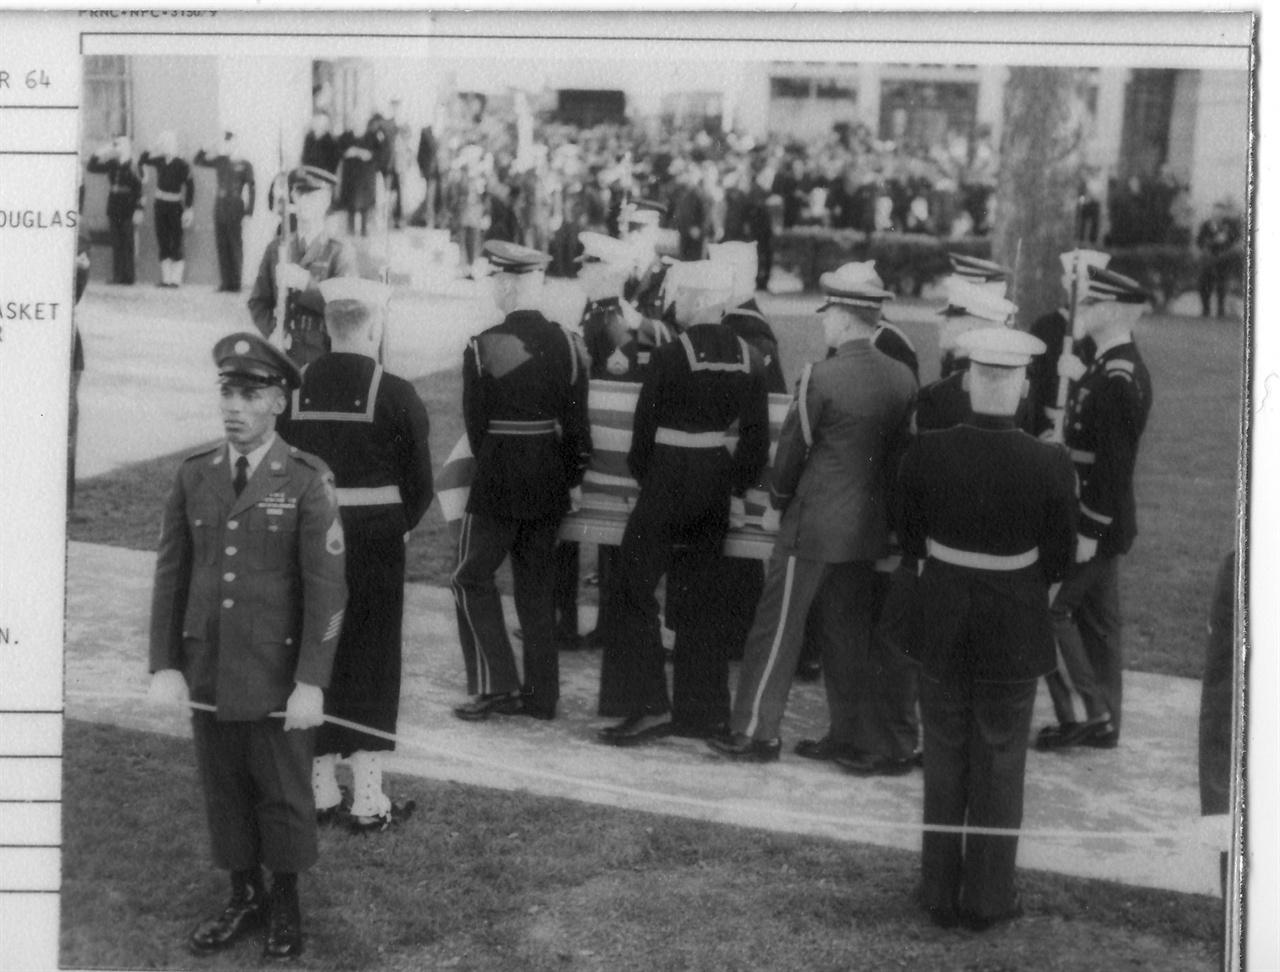 버지니아 노퍽, 맥아더 장군의 시신이 어머니의 고향으로 운구 되고 있다(1964. 4.).